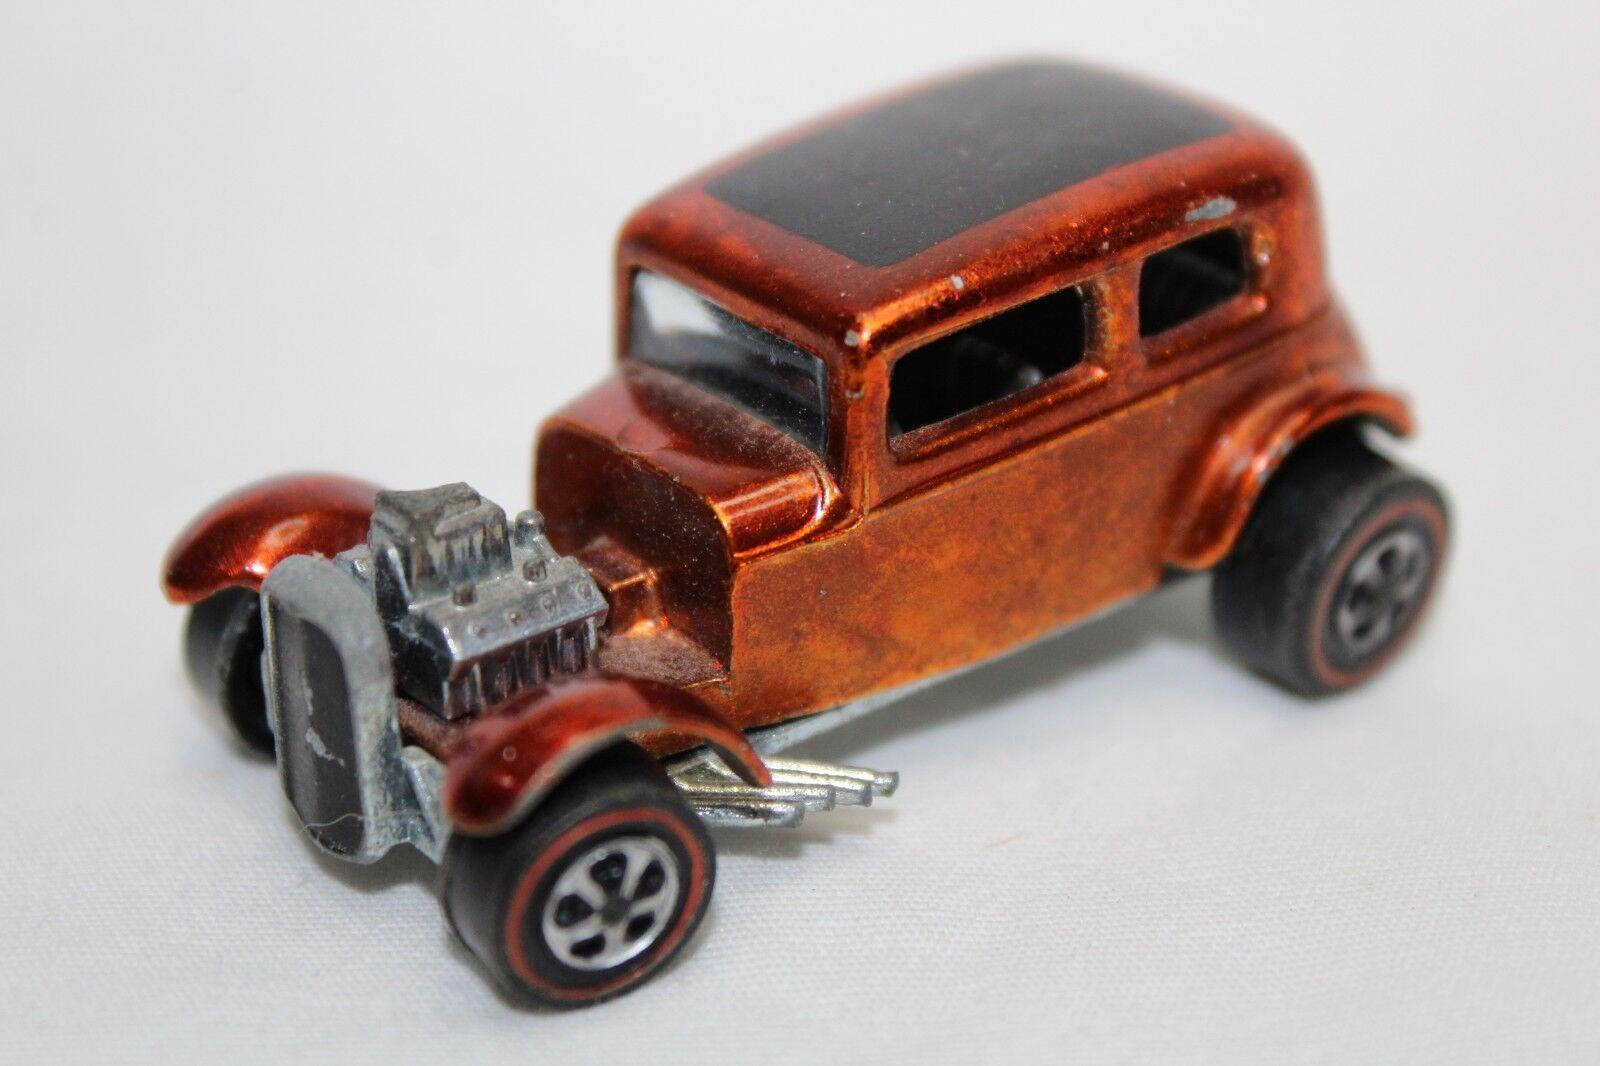 mejor moda Hot Wheels 1 64 escala 1969 líneas rojas Classic'32 Classic'32 Classic'32 Ford Vicky (naranja) - flojo  ordene ahora los precios más bajos